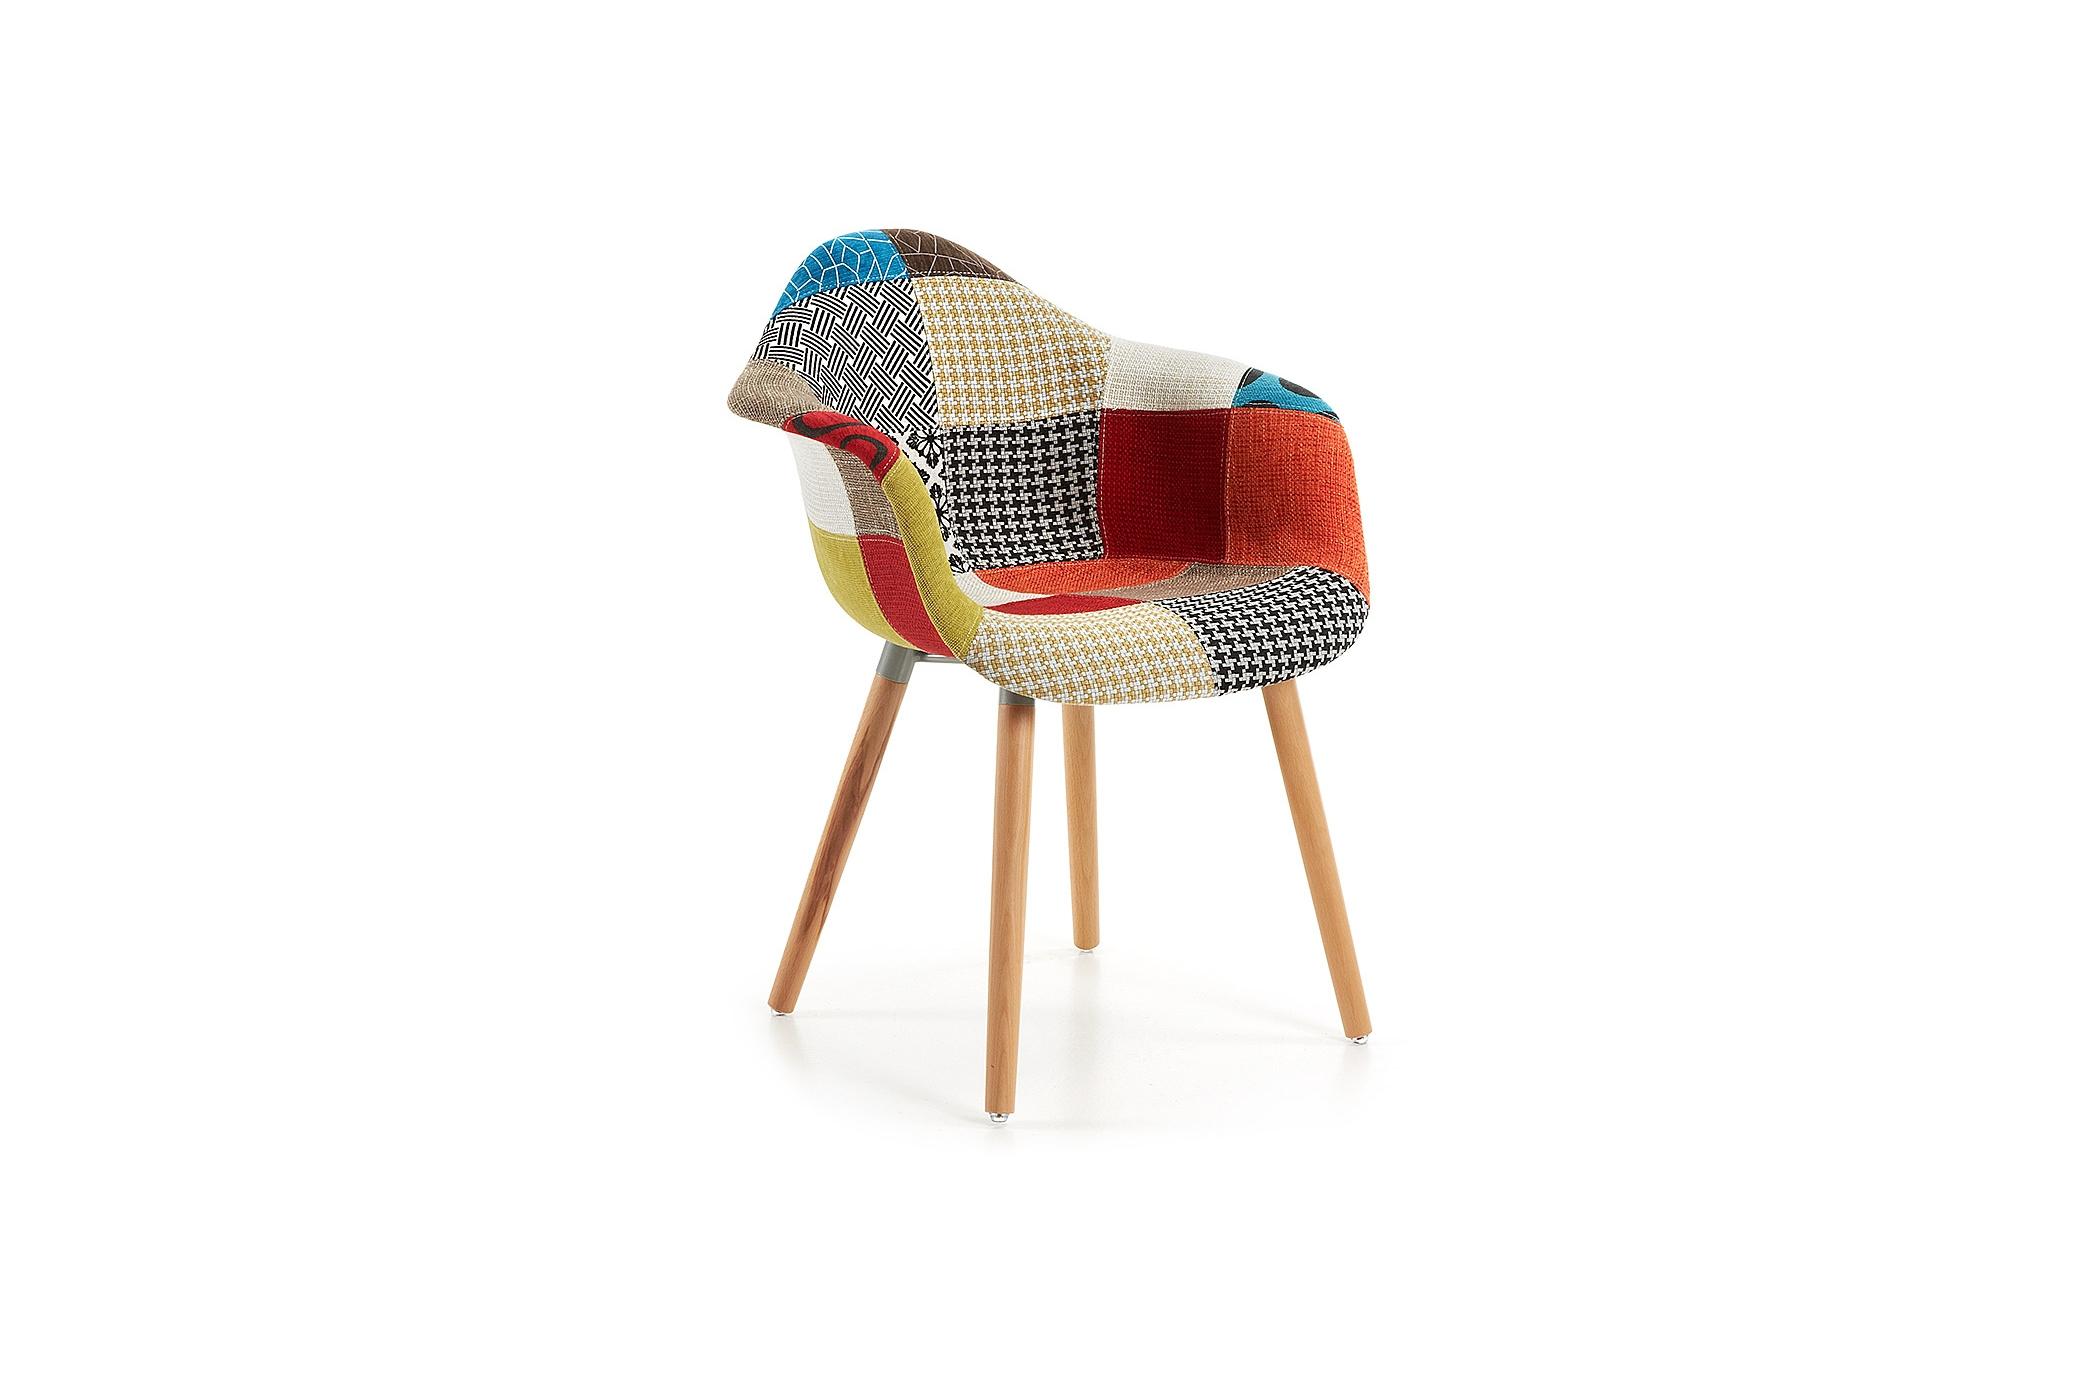 """Кресло KennaПолукресла<br>Кресло для дома Kenna понравится всем, кого воодушевляет техника пэчворк: модель обита яркой лоскутной тканью, которая дарит ощущение домашнего уюта и тепла. Ножки кресла изготовлены из массива бука и отделаны в натуральном цвете этой древесины. Если вы решите купить кресло Kenna, имейте в виду, что комбинация """"лоскутов"""" может незначительно отличаться от той, что вы видите на фото.<br><br>Material: Текстиль<br>Width см: 46<br>Depth см: 42,5<br>Height см: 81"""